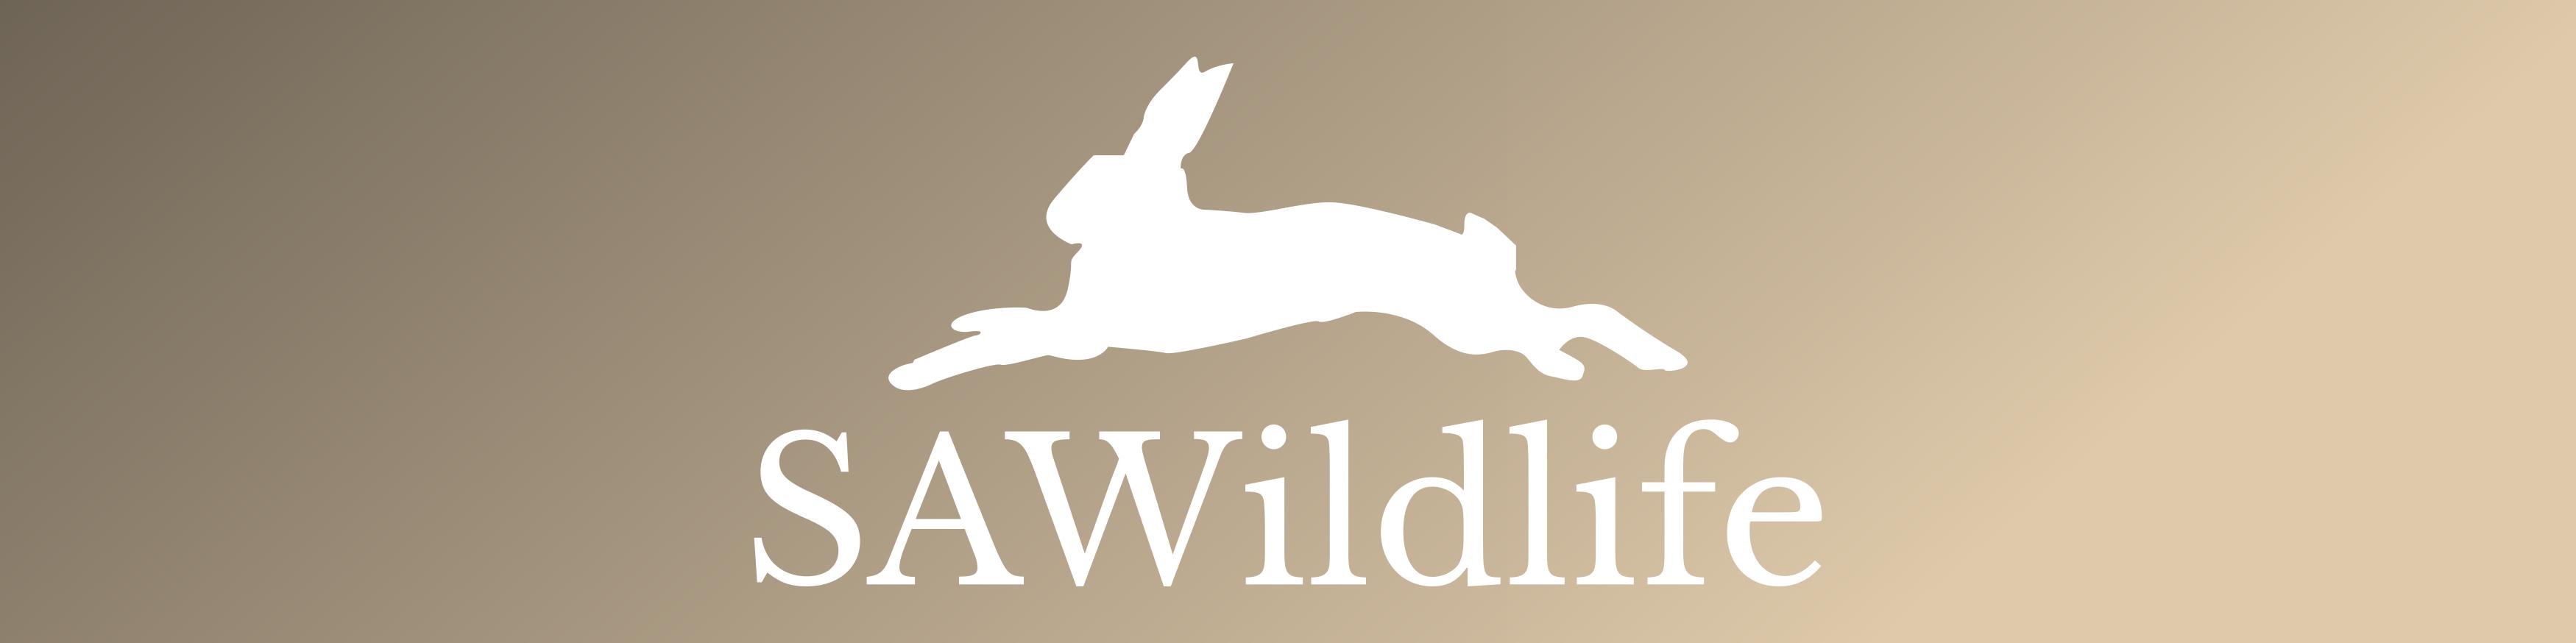 My Wildlife Photography Journey